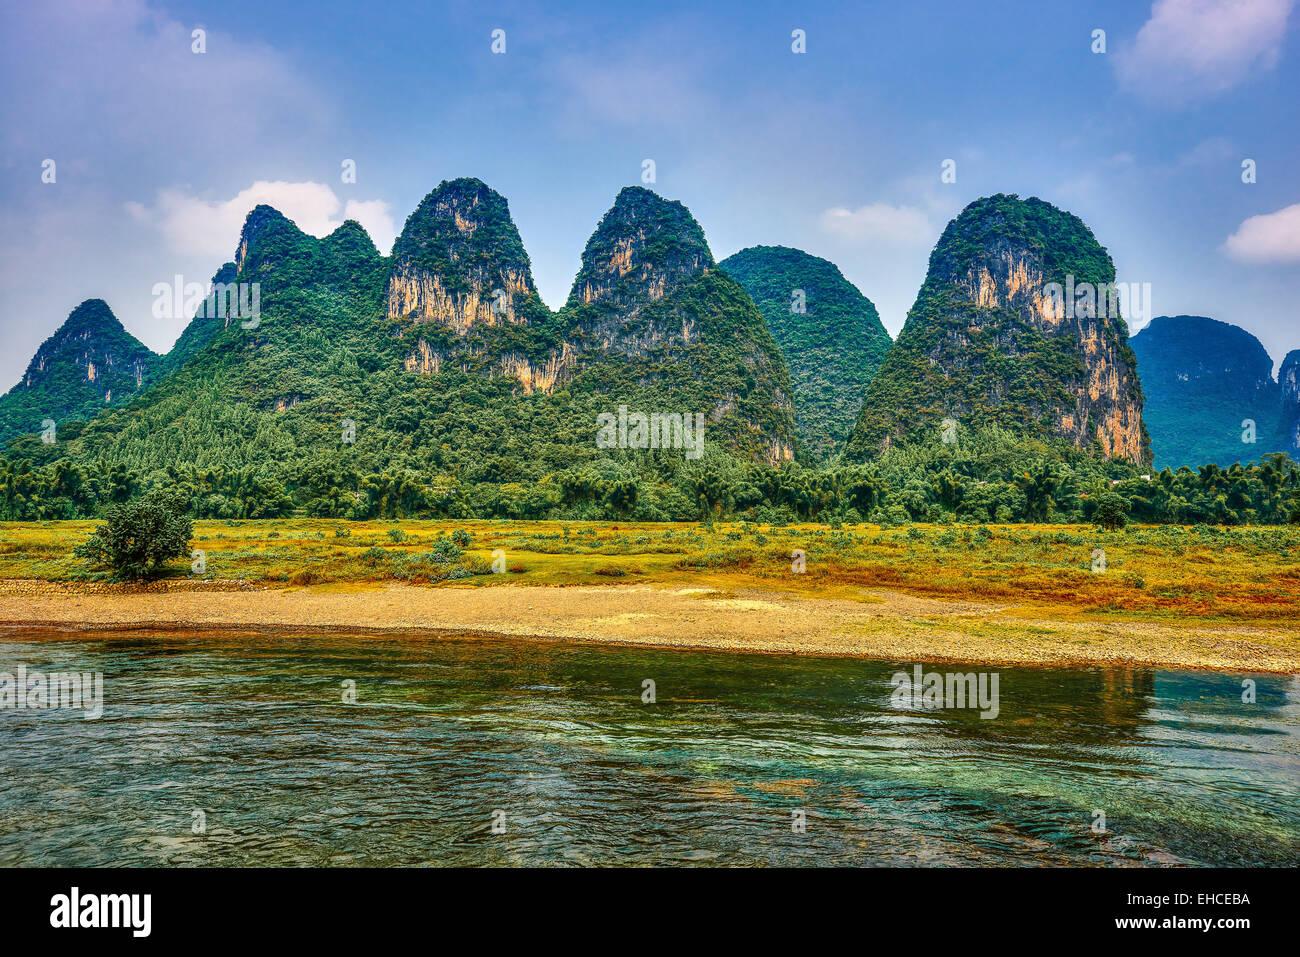 La rivière Li, entre Guilin et Yangshuo dans la province de Guangxi Chine Photo Stock